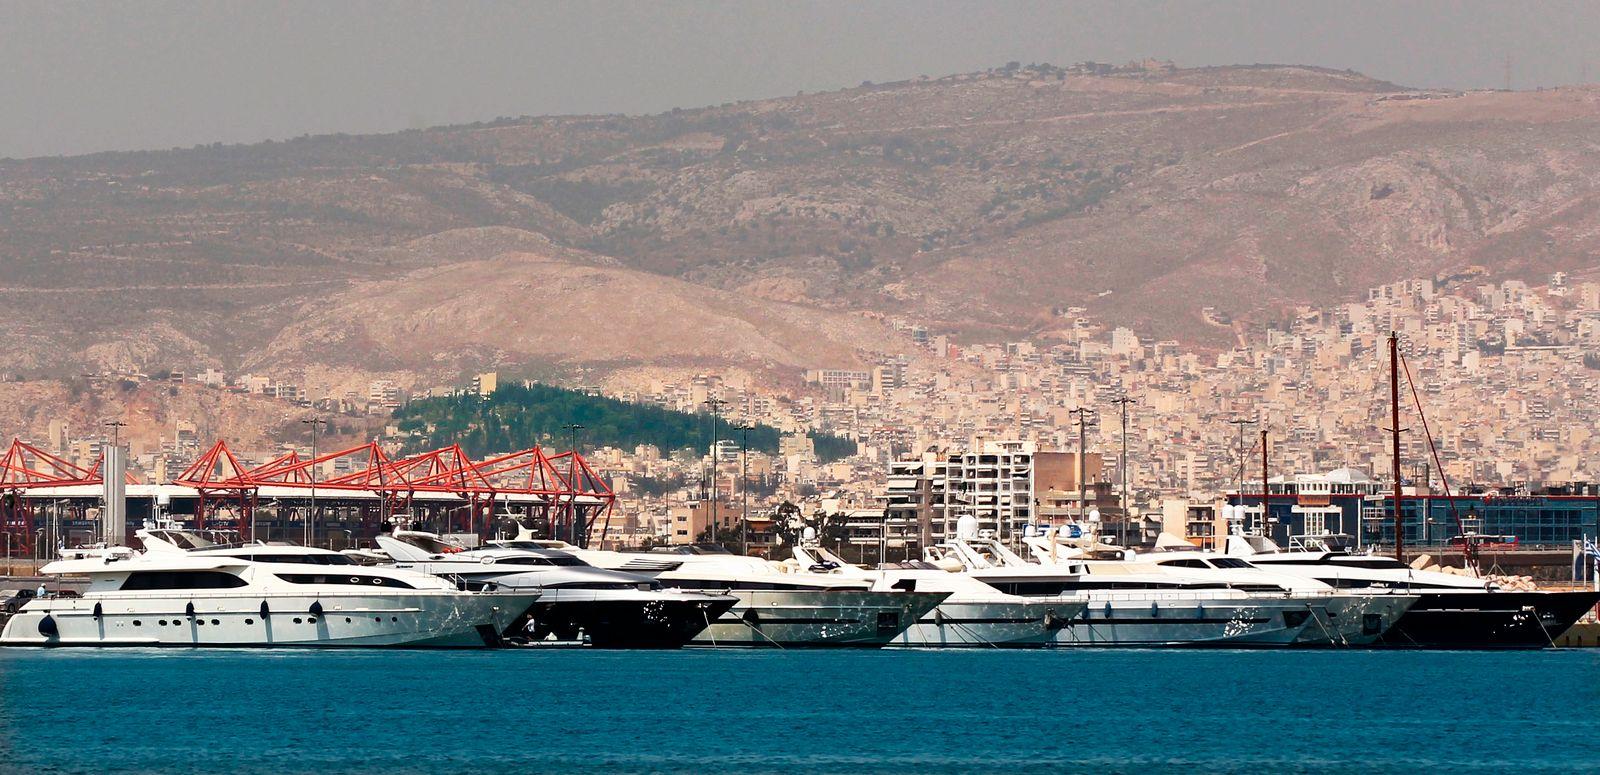 Griechenland / Reiche Griechen / Yachts /Die Reiche Griechen